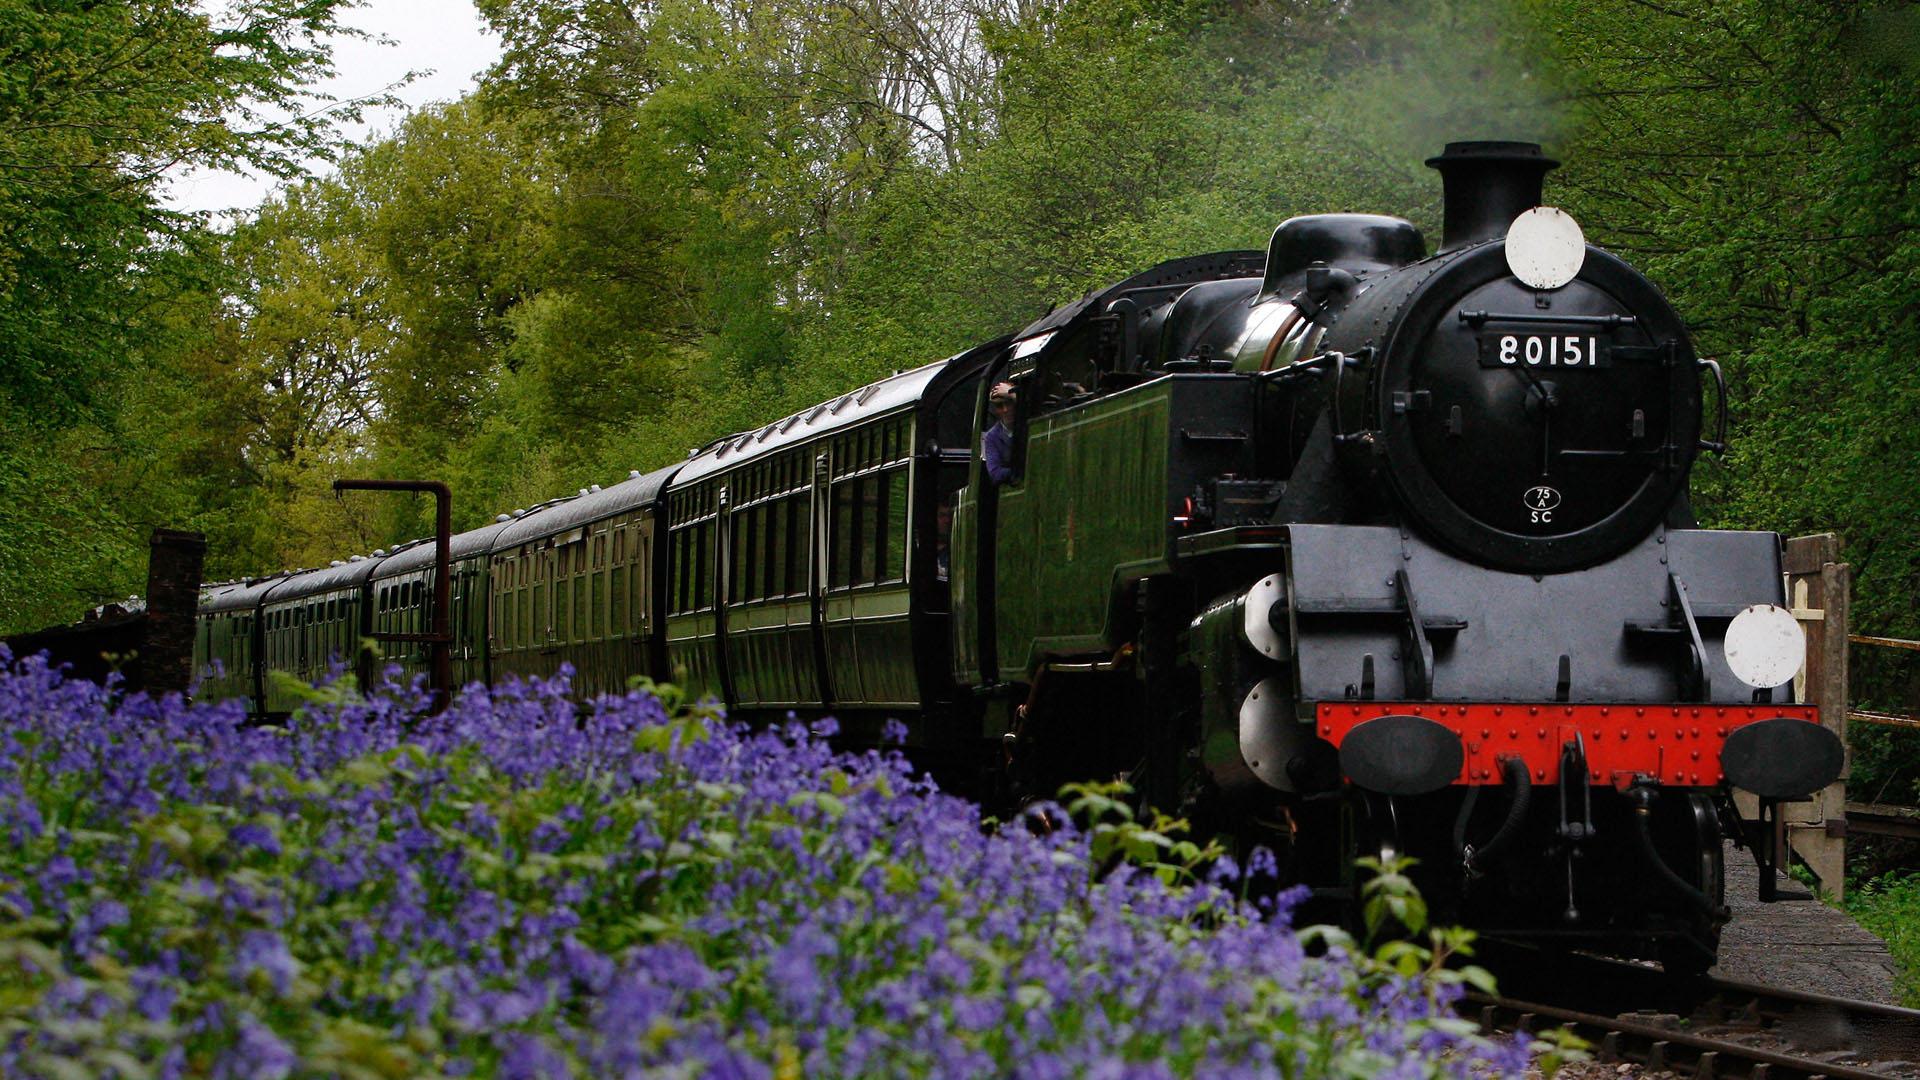 Lovely Train Wallpaper